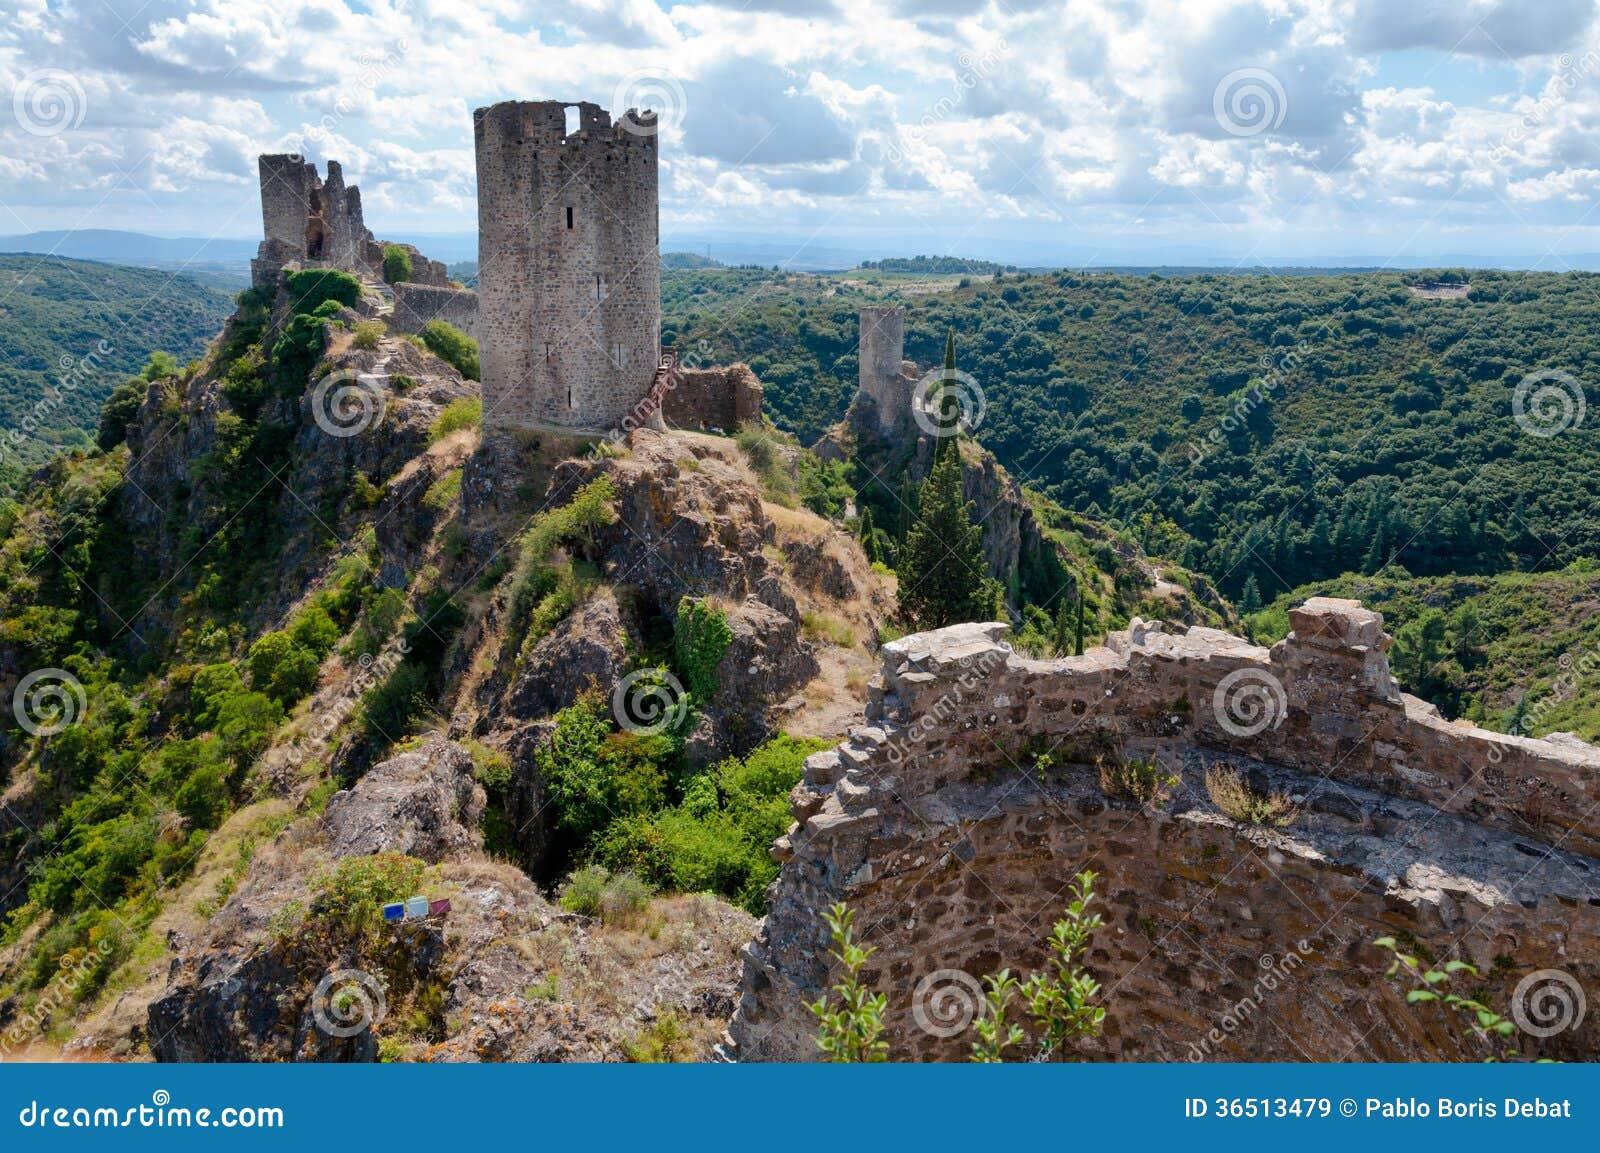 La Tour Regine Surdespine and Quertinheux towers at Lastours